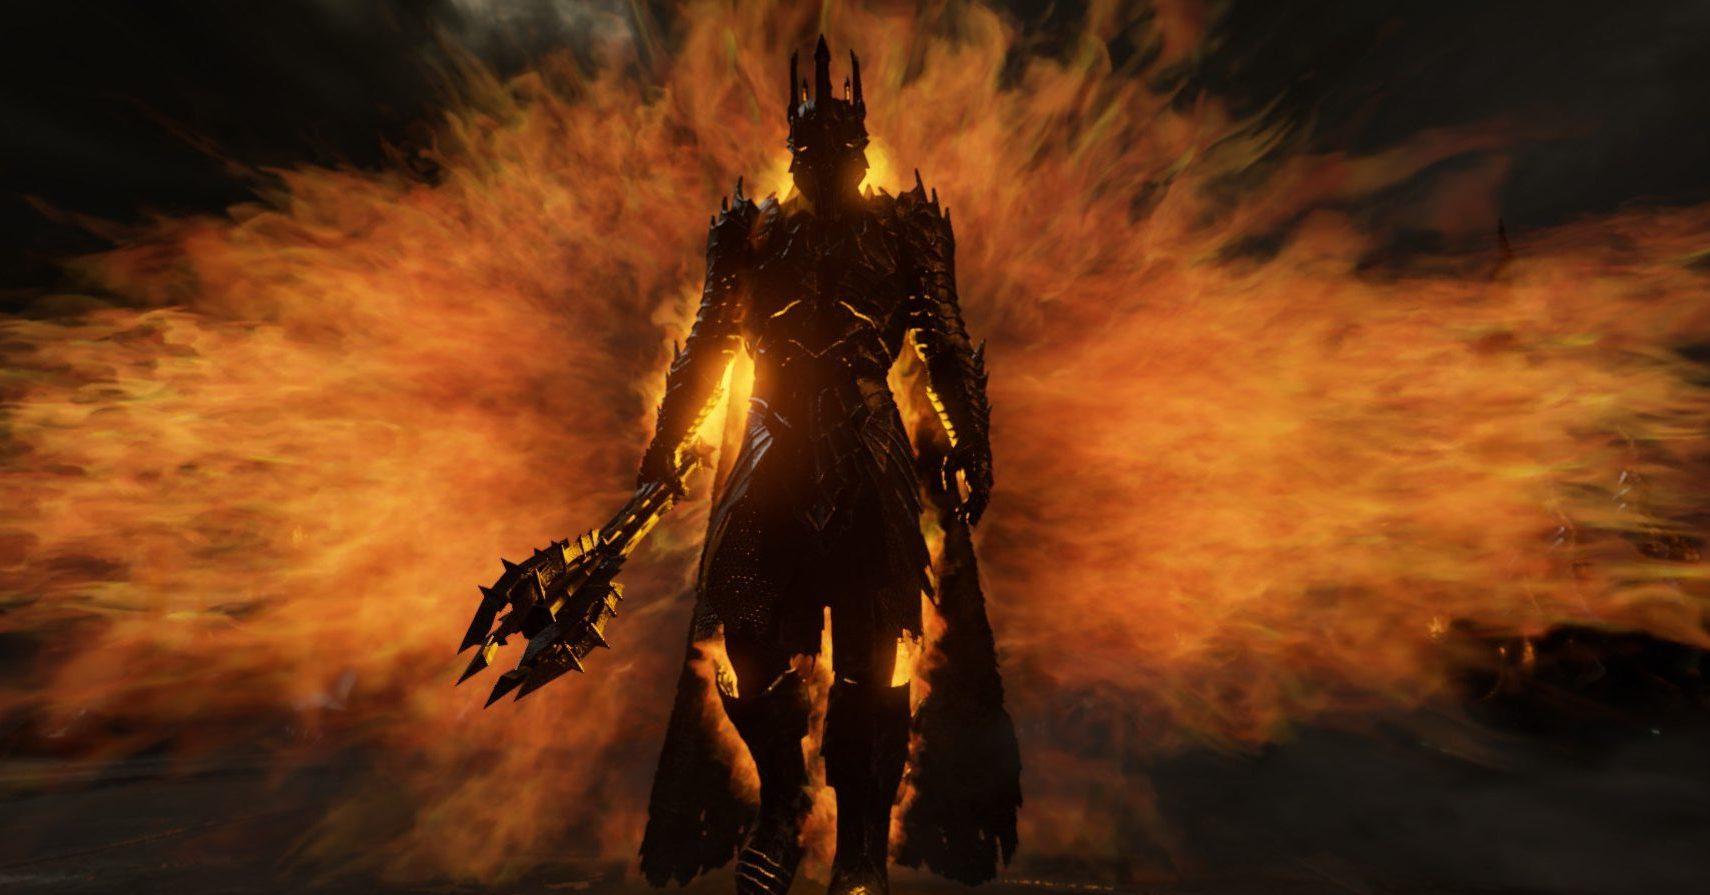 Sauron aparecerá, por descontado, en esta serie de Amazon